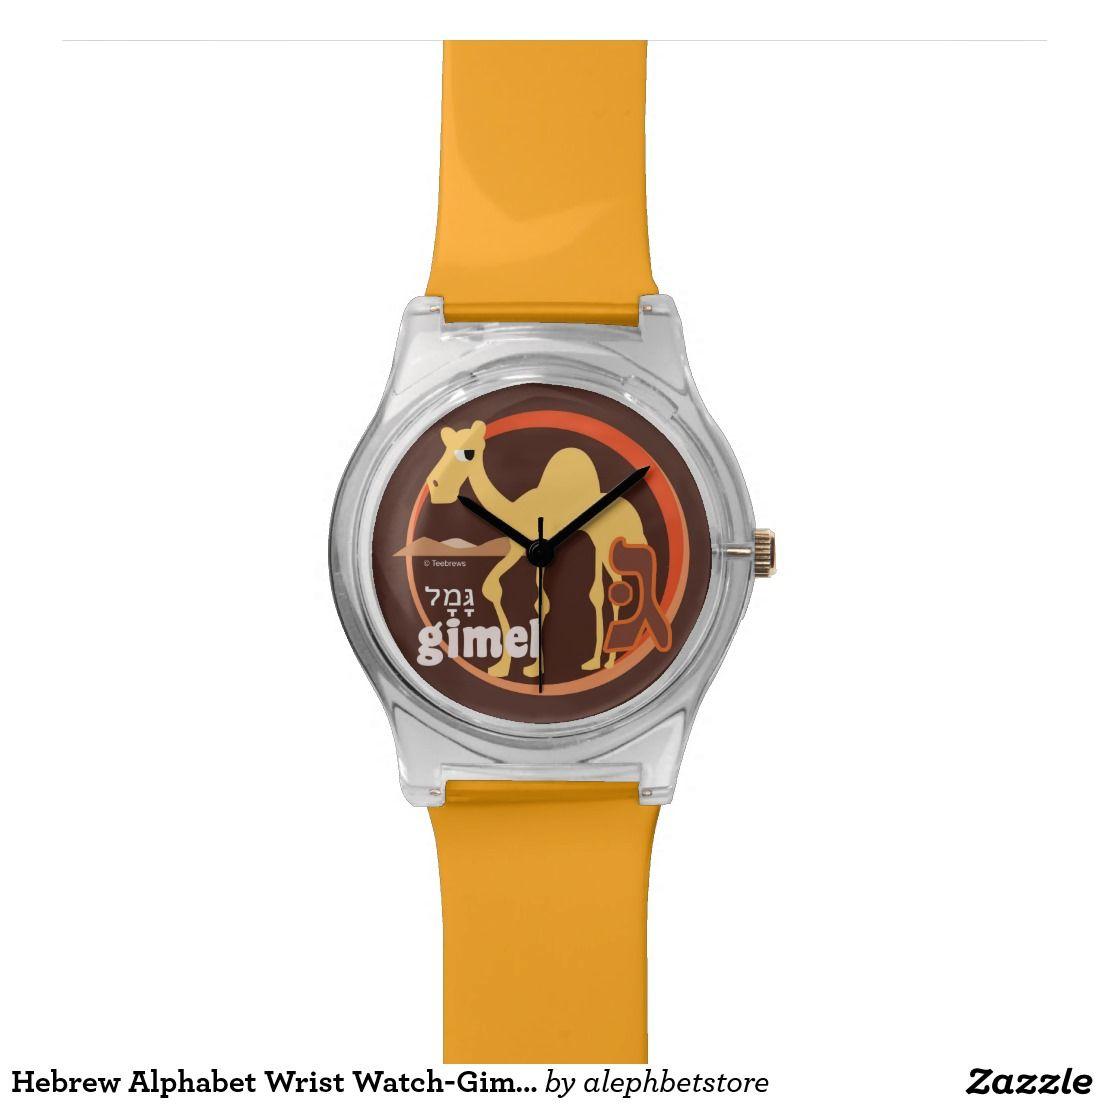 Hebrew Alphabet Wrist Watch-Gimel Watch